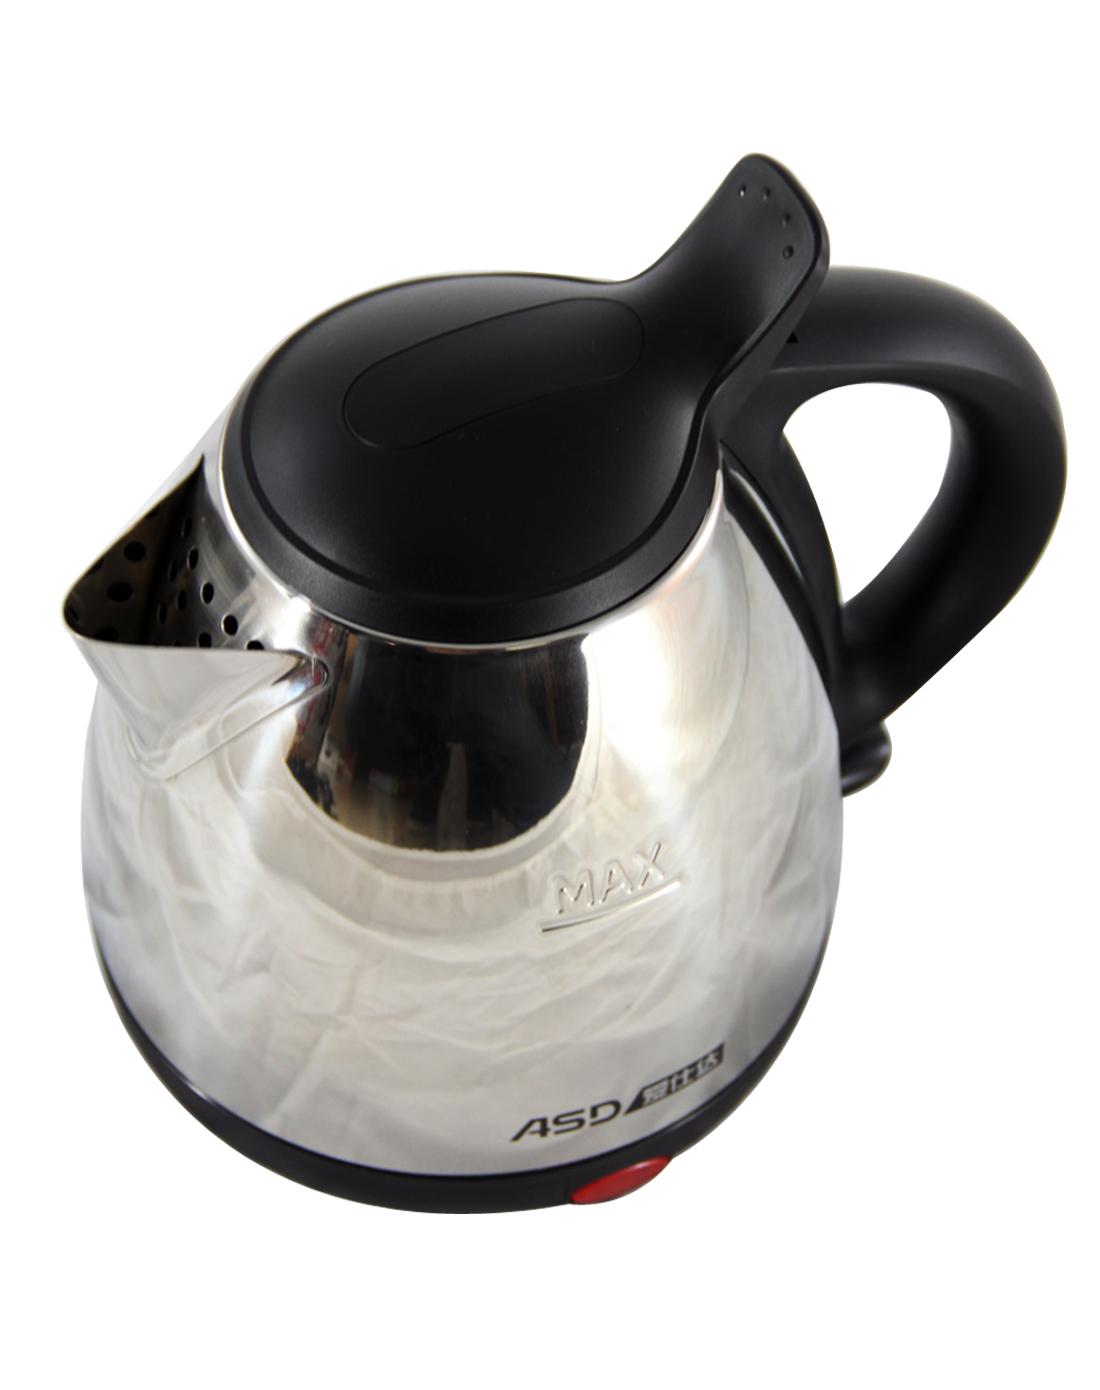 电热水壶aw-1207图片